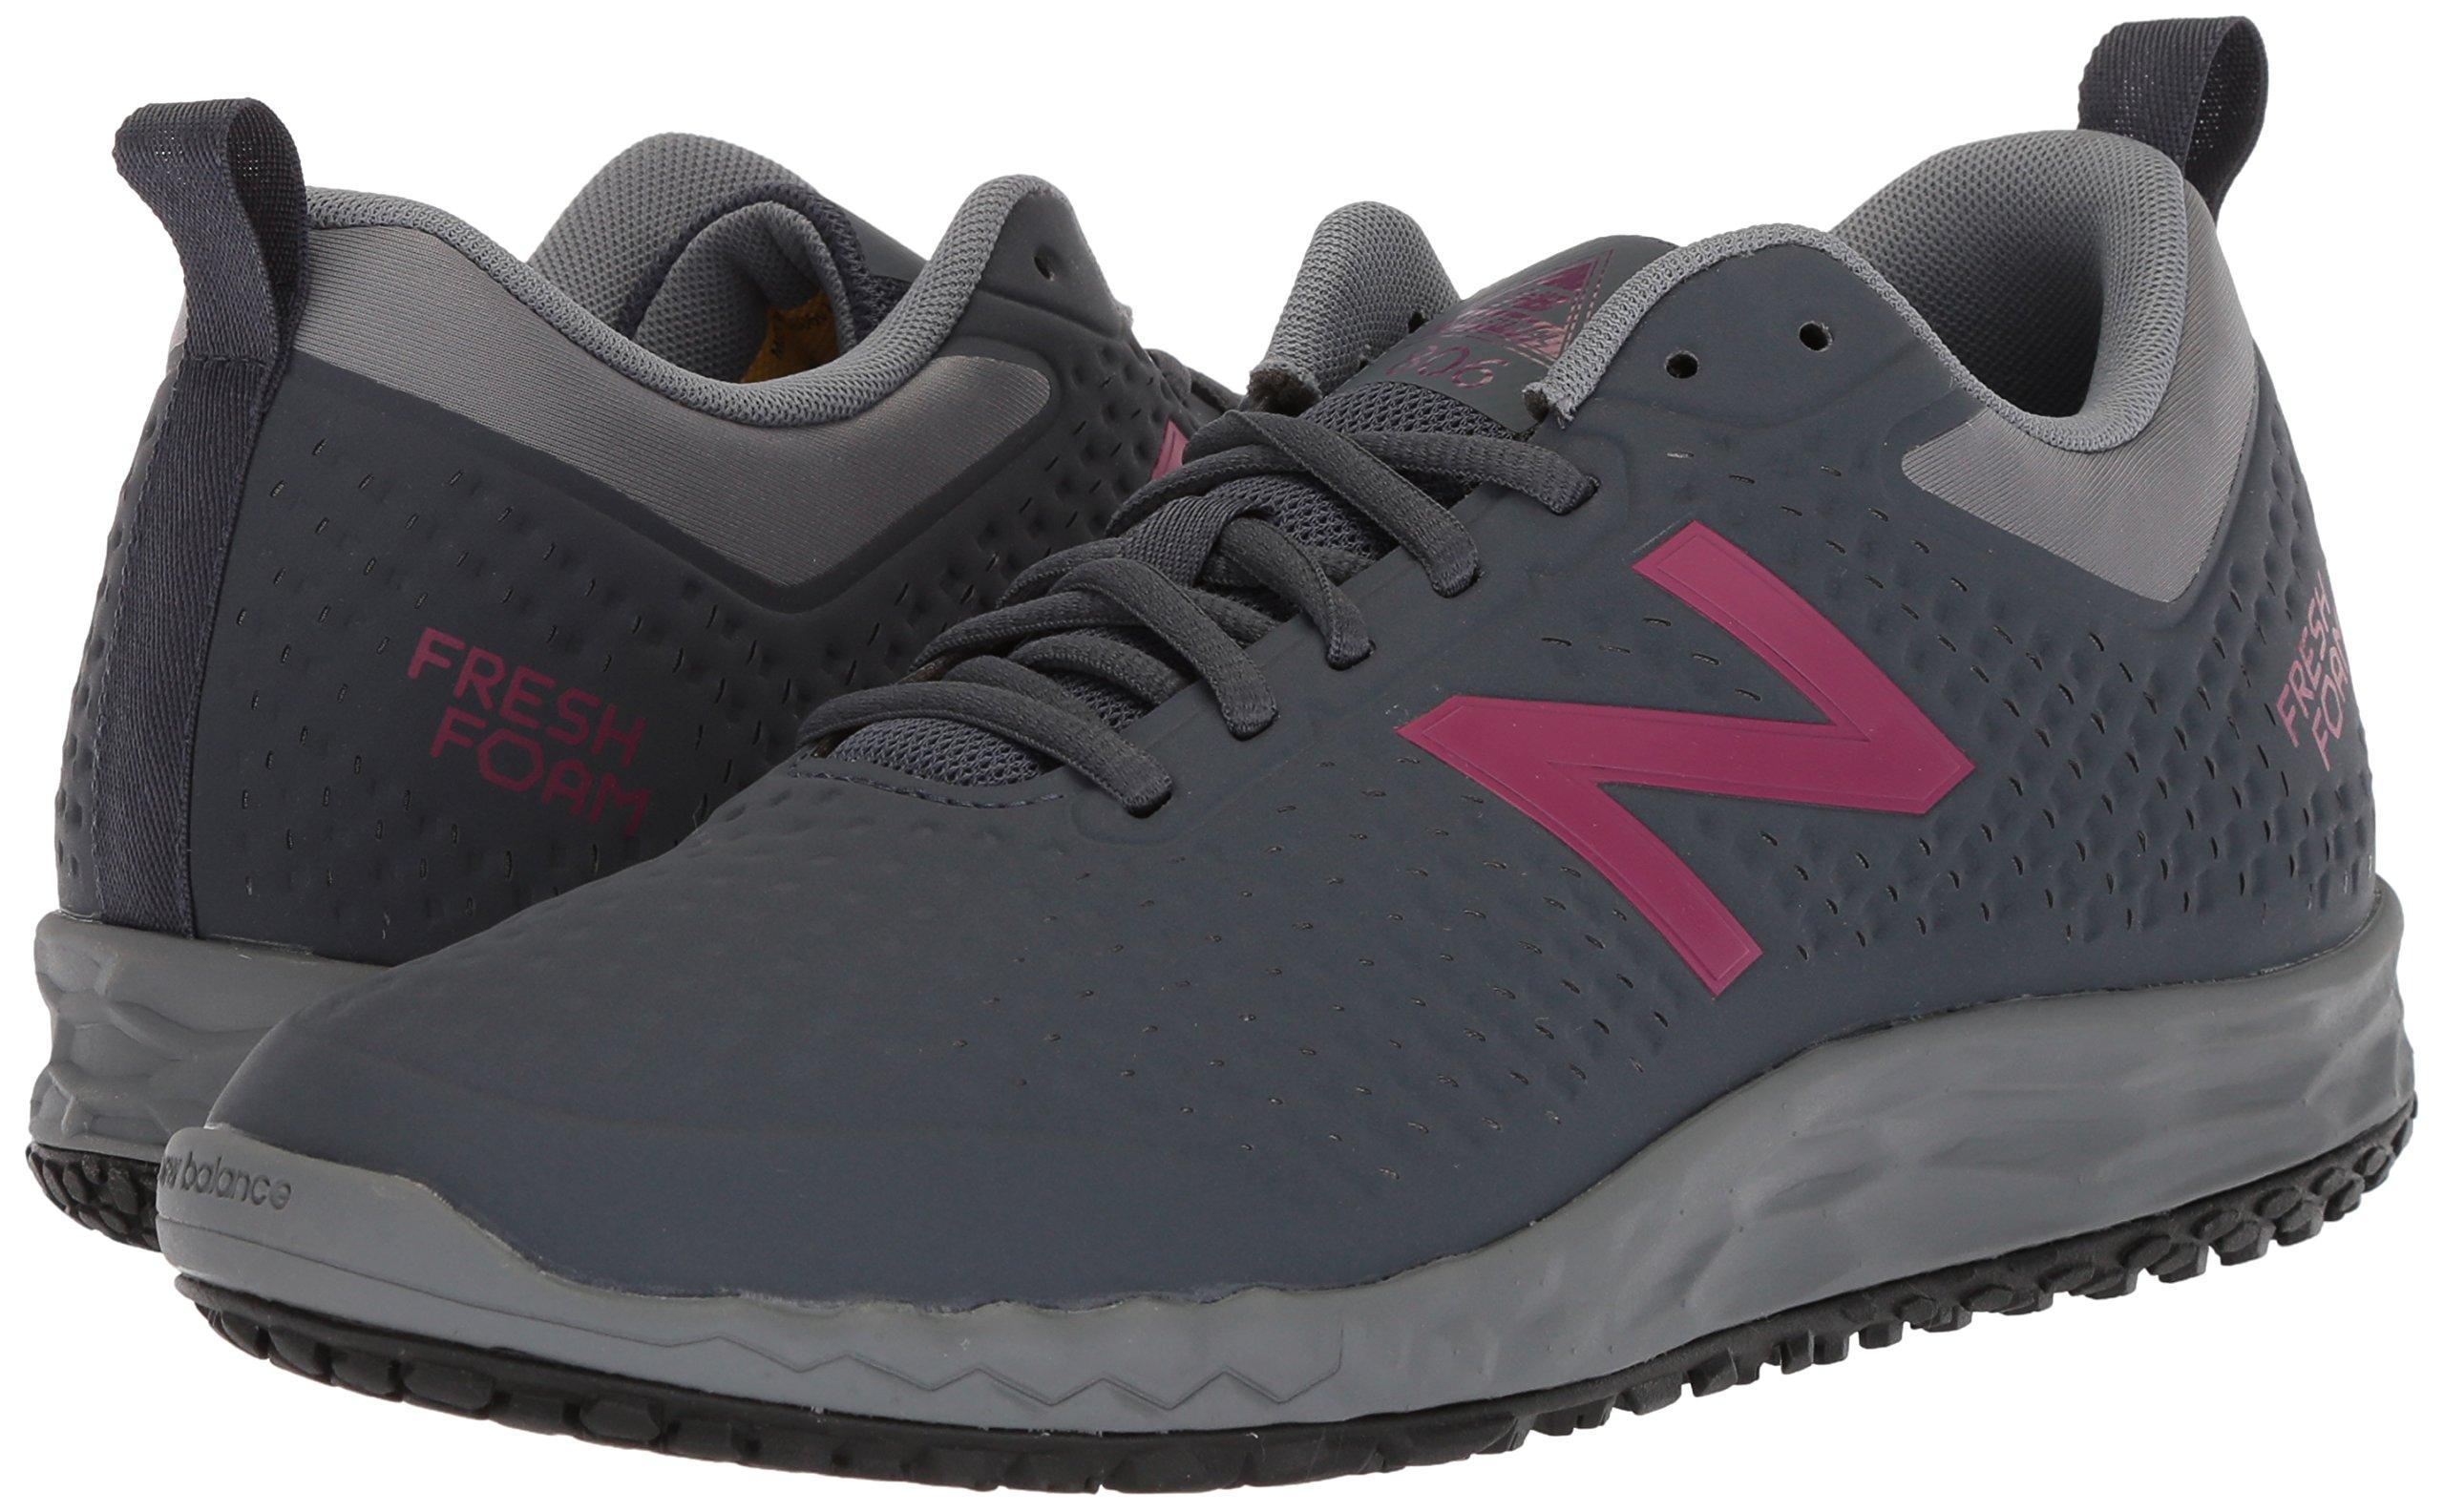 New Balance Women's 806v1 Work Training Shoe, Grey, 10.5 B US by New Balance (Image #5)